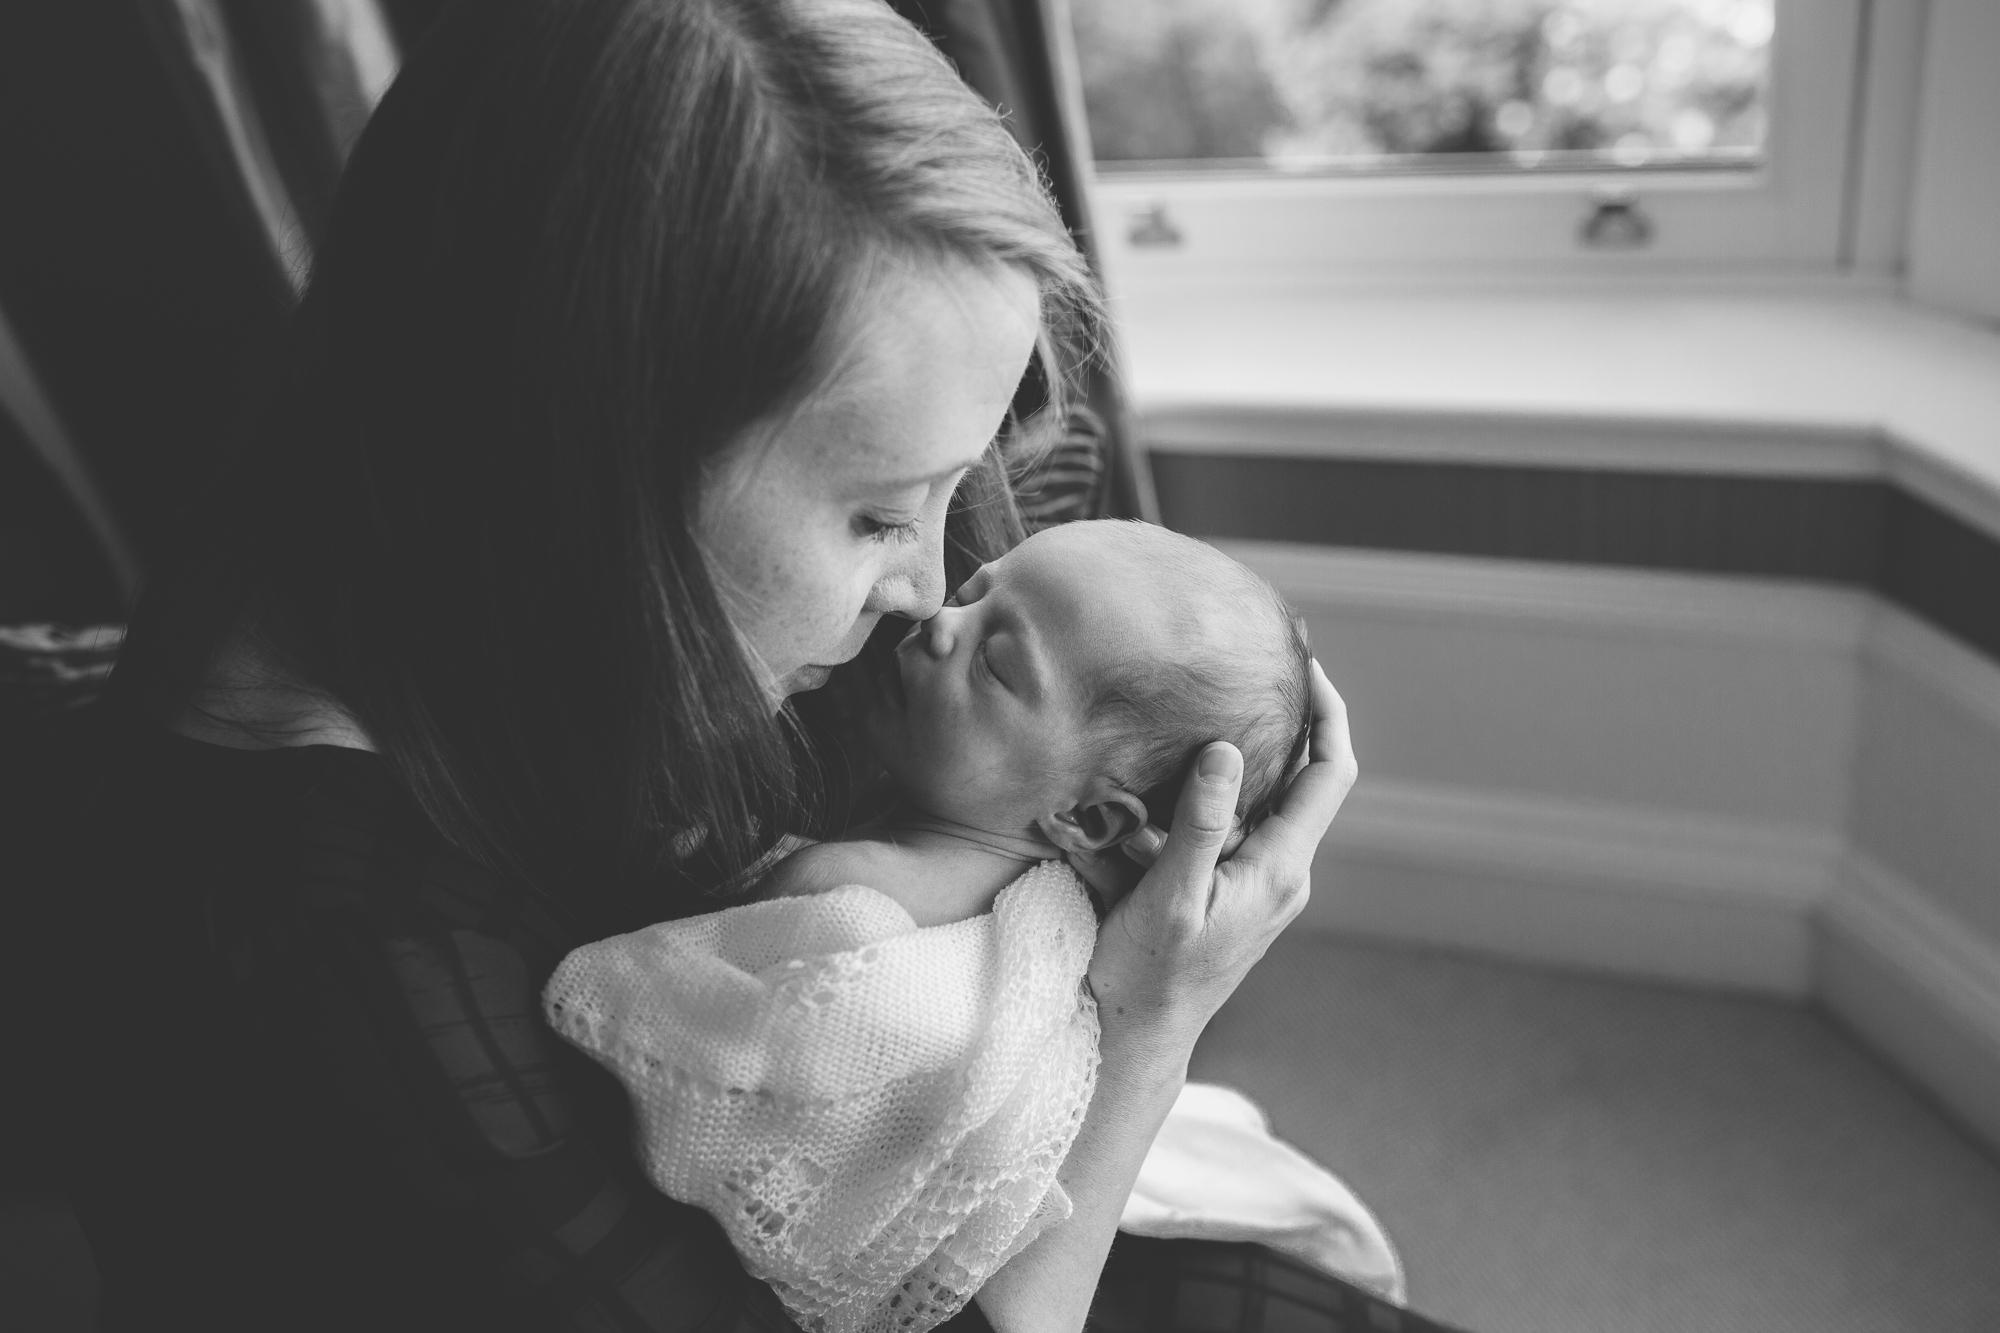 family photographer Aberdeen, newborn photography Aberdeen, newborn photographers Aberdeen, newborn photographer Aberdeen